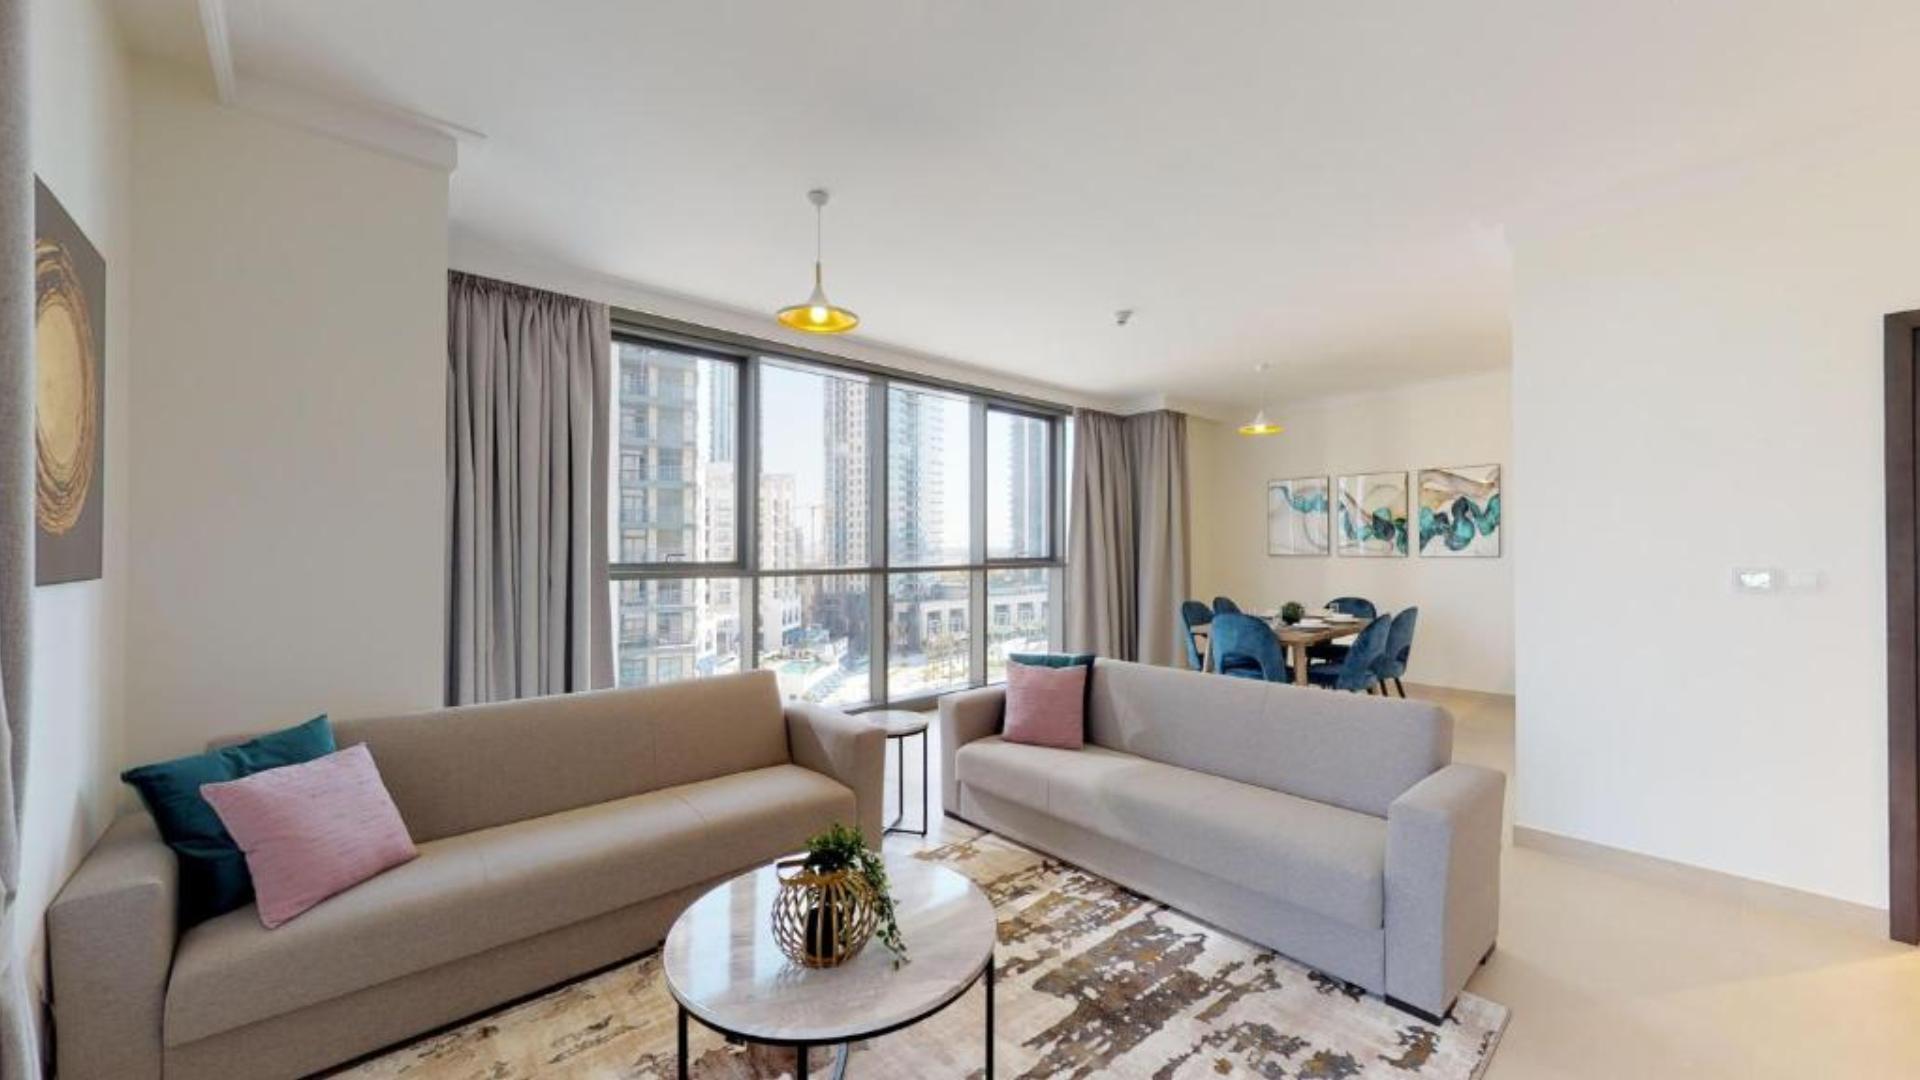 Apartment for sale in Dubai, UAE, 1 bedroom, 109 m2, No. 24299 – photo 1